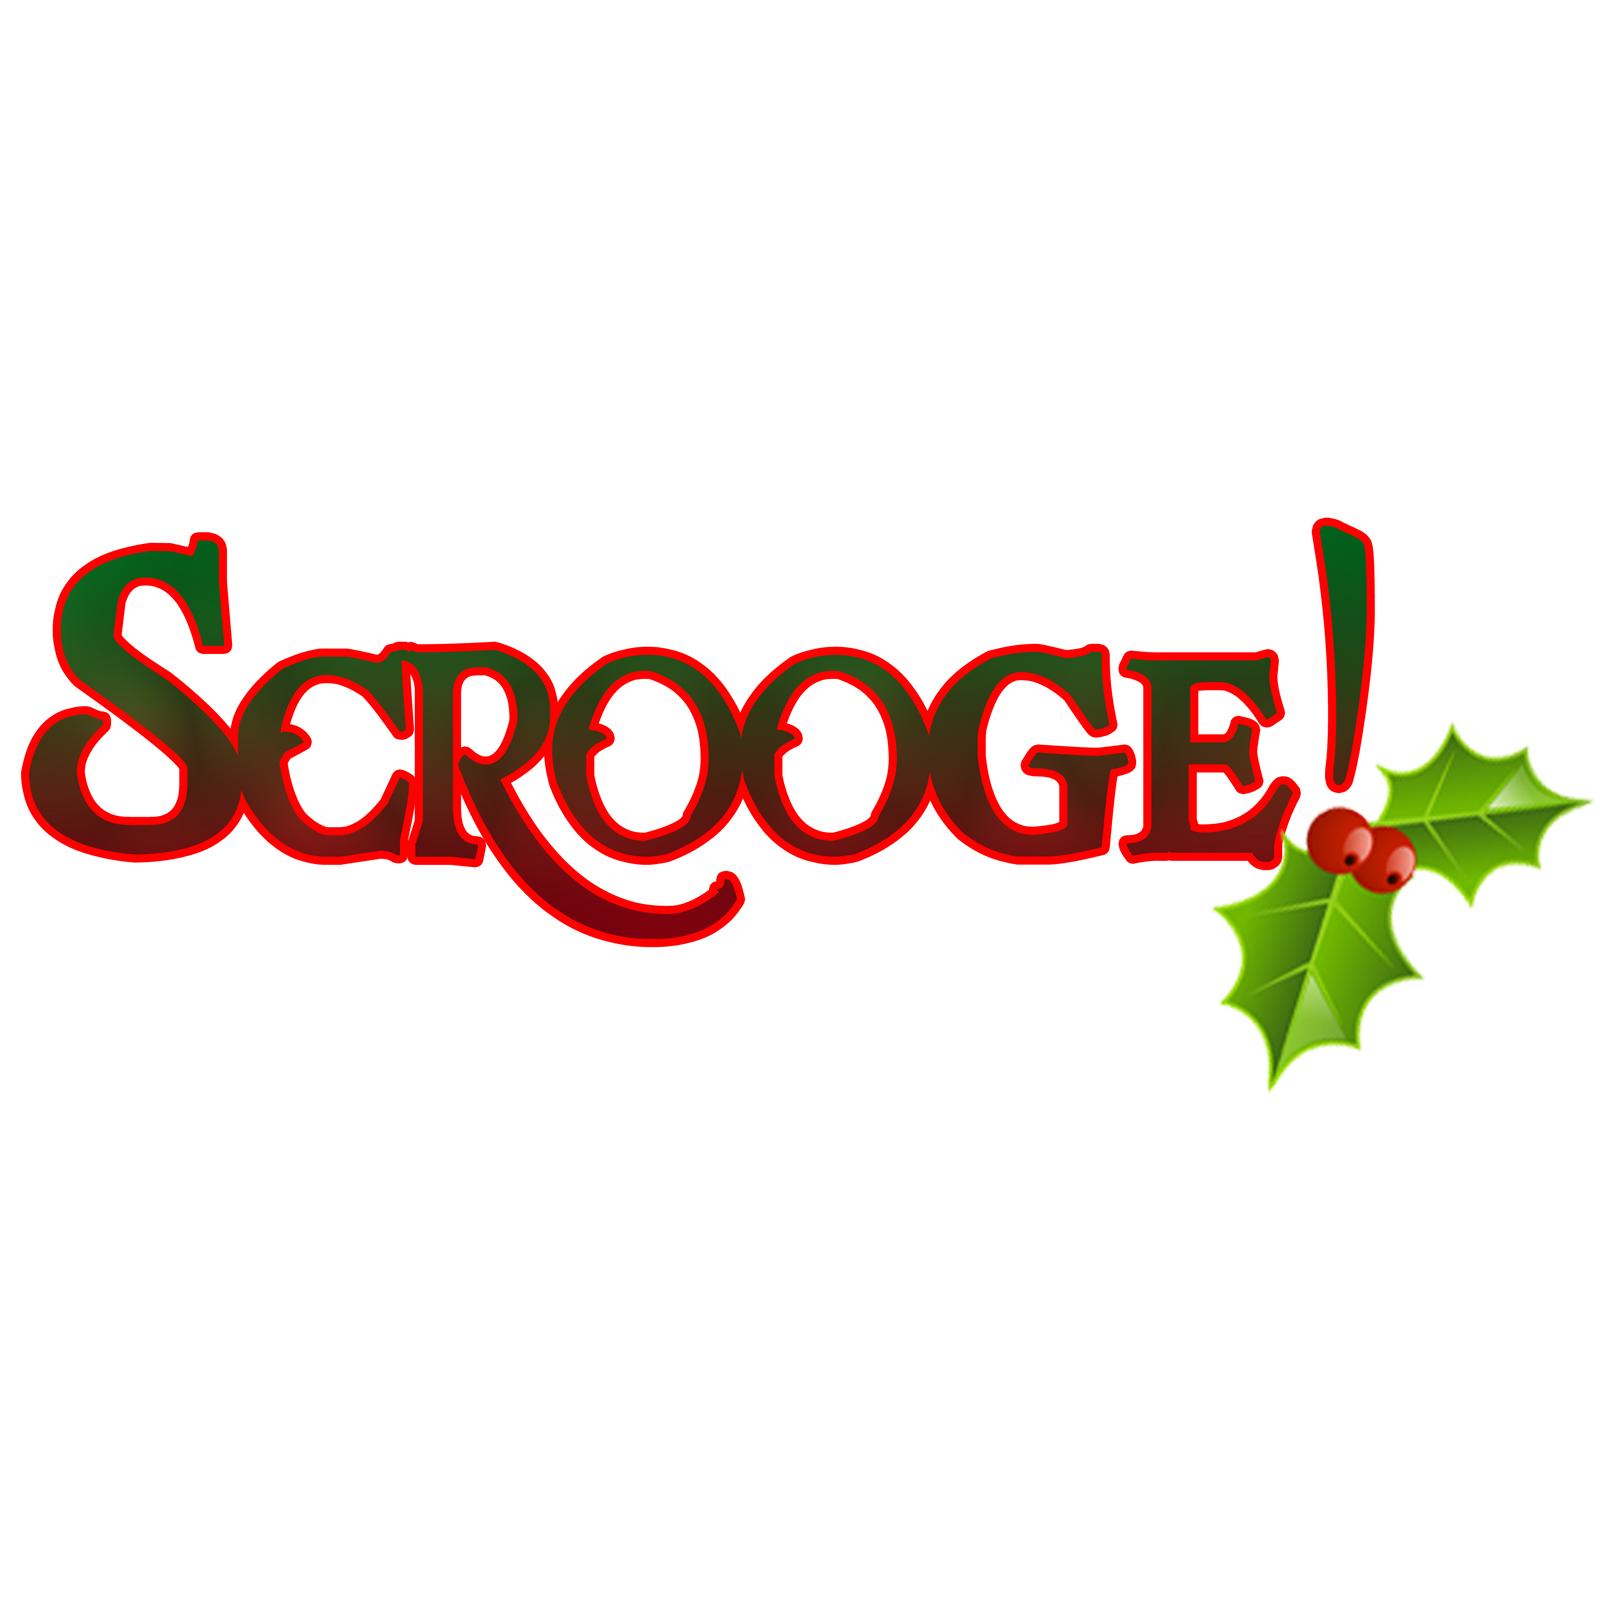 scrooge-square.jpg